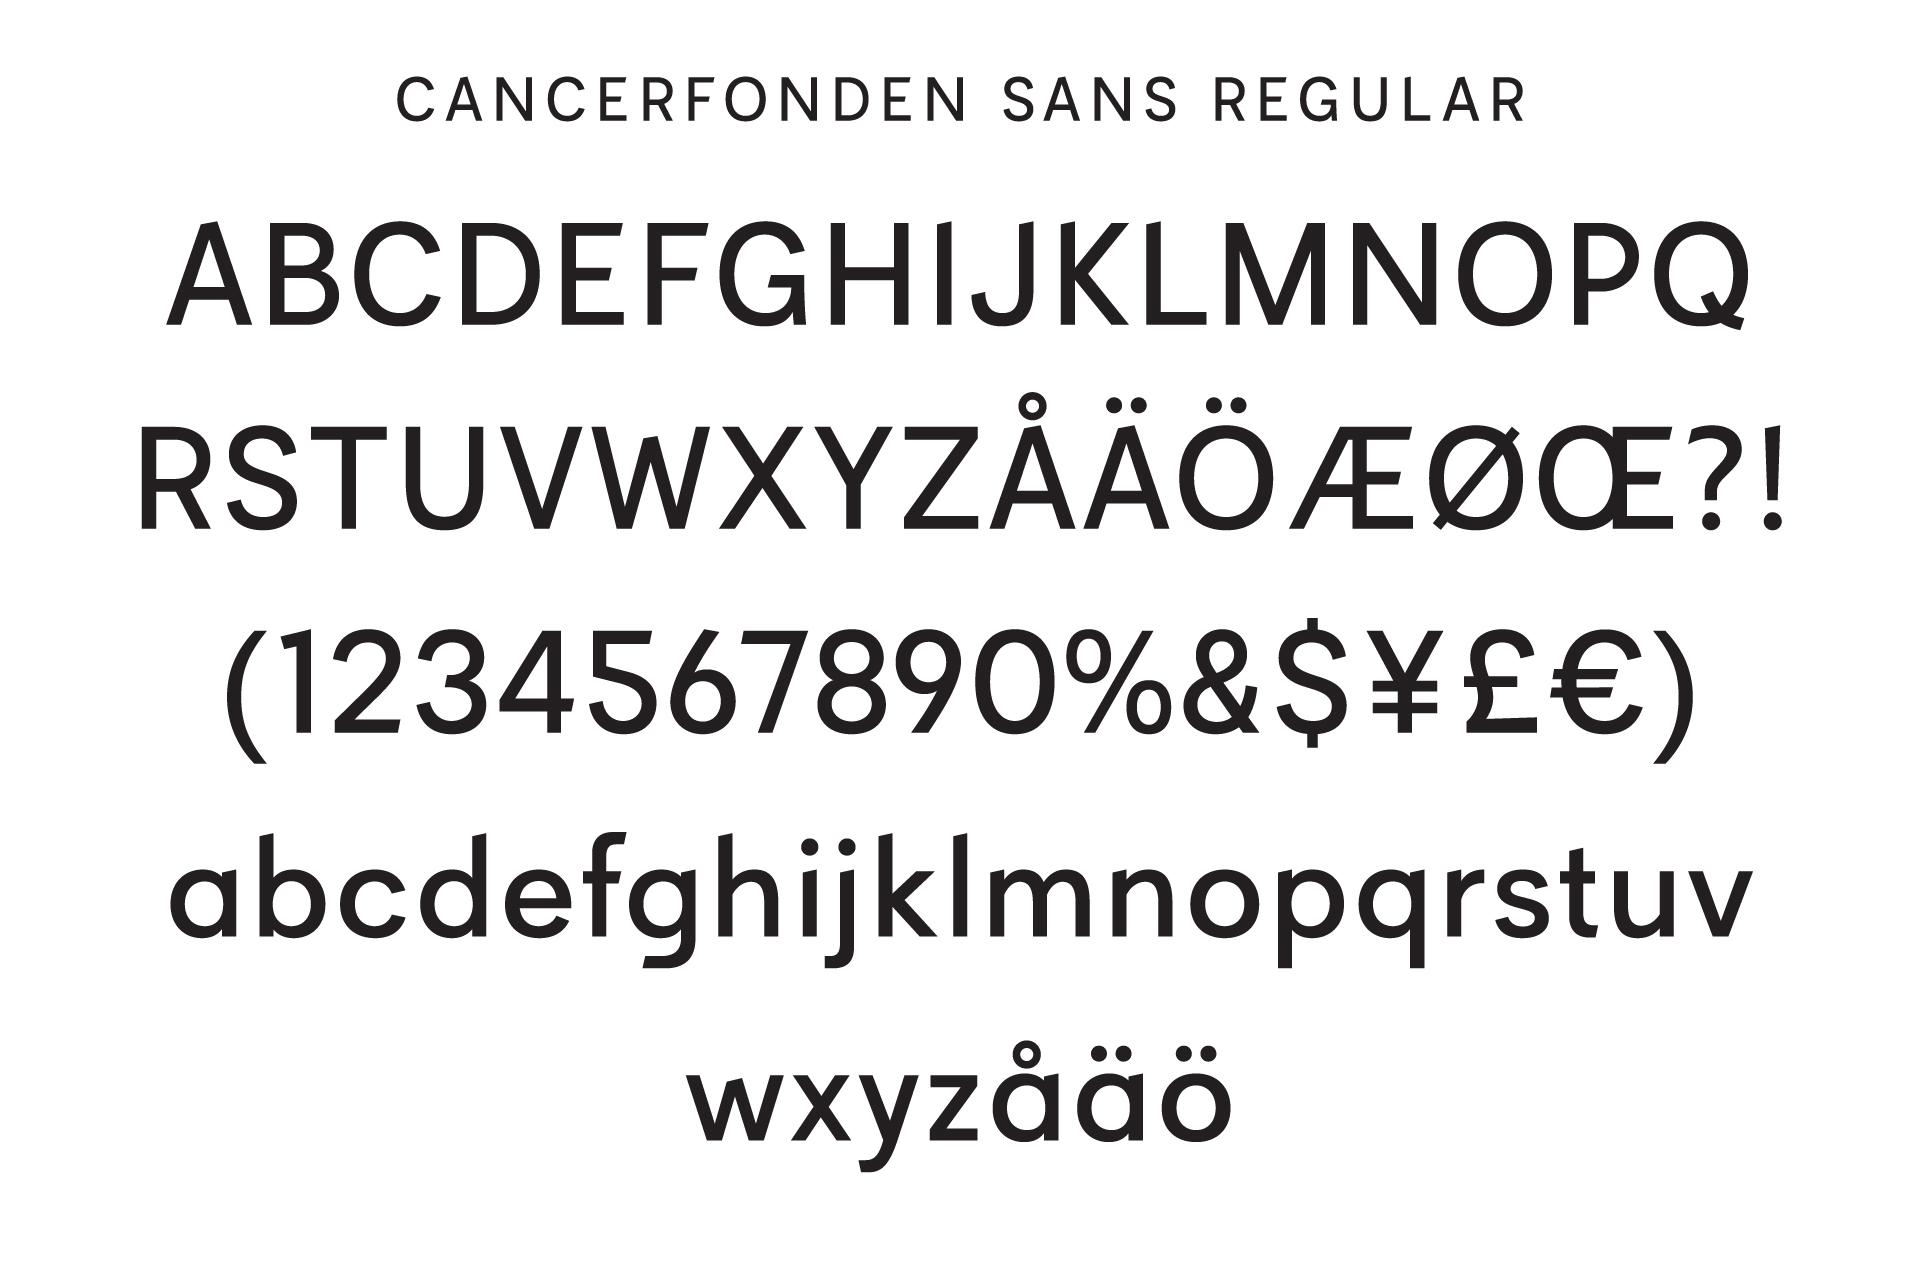 Cancerfonden_PAGE-1